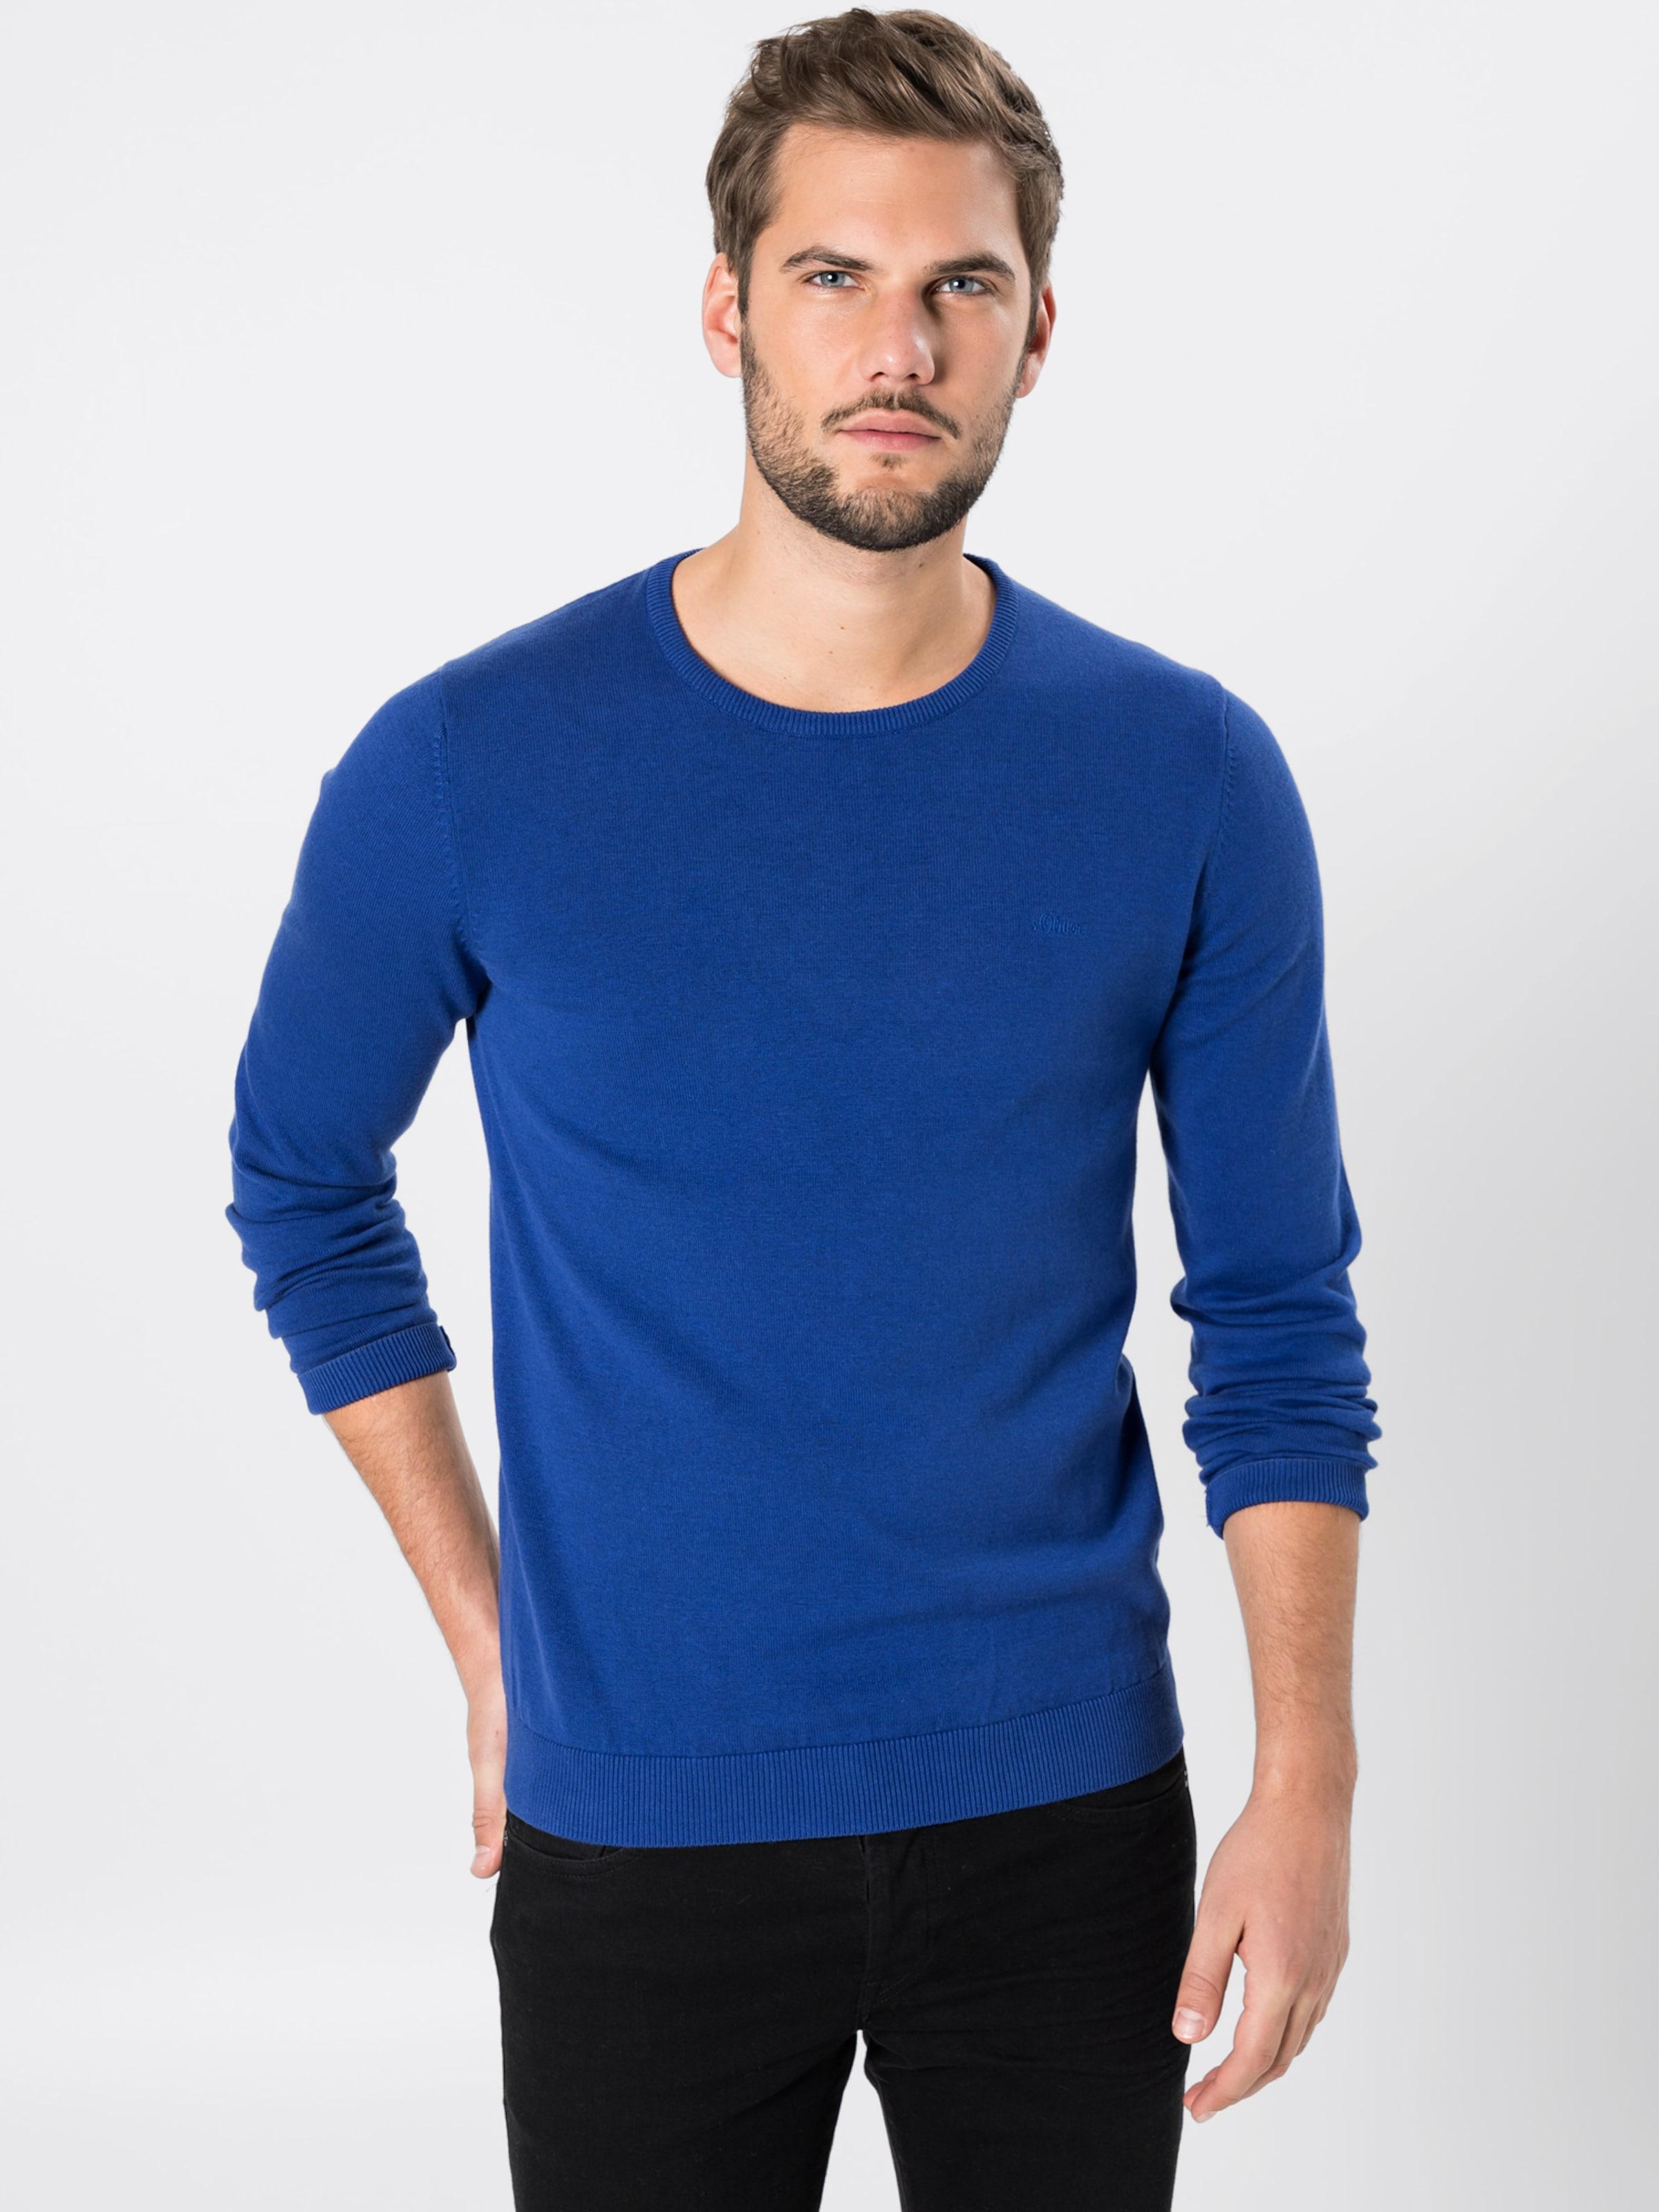 S S oliver In S Pullover In oliver Blau Pullover Blau PZuOkiXTwl